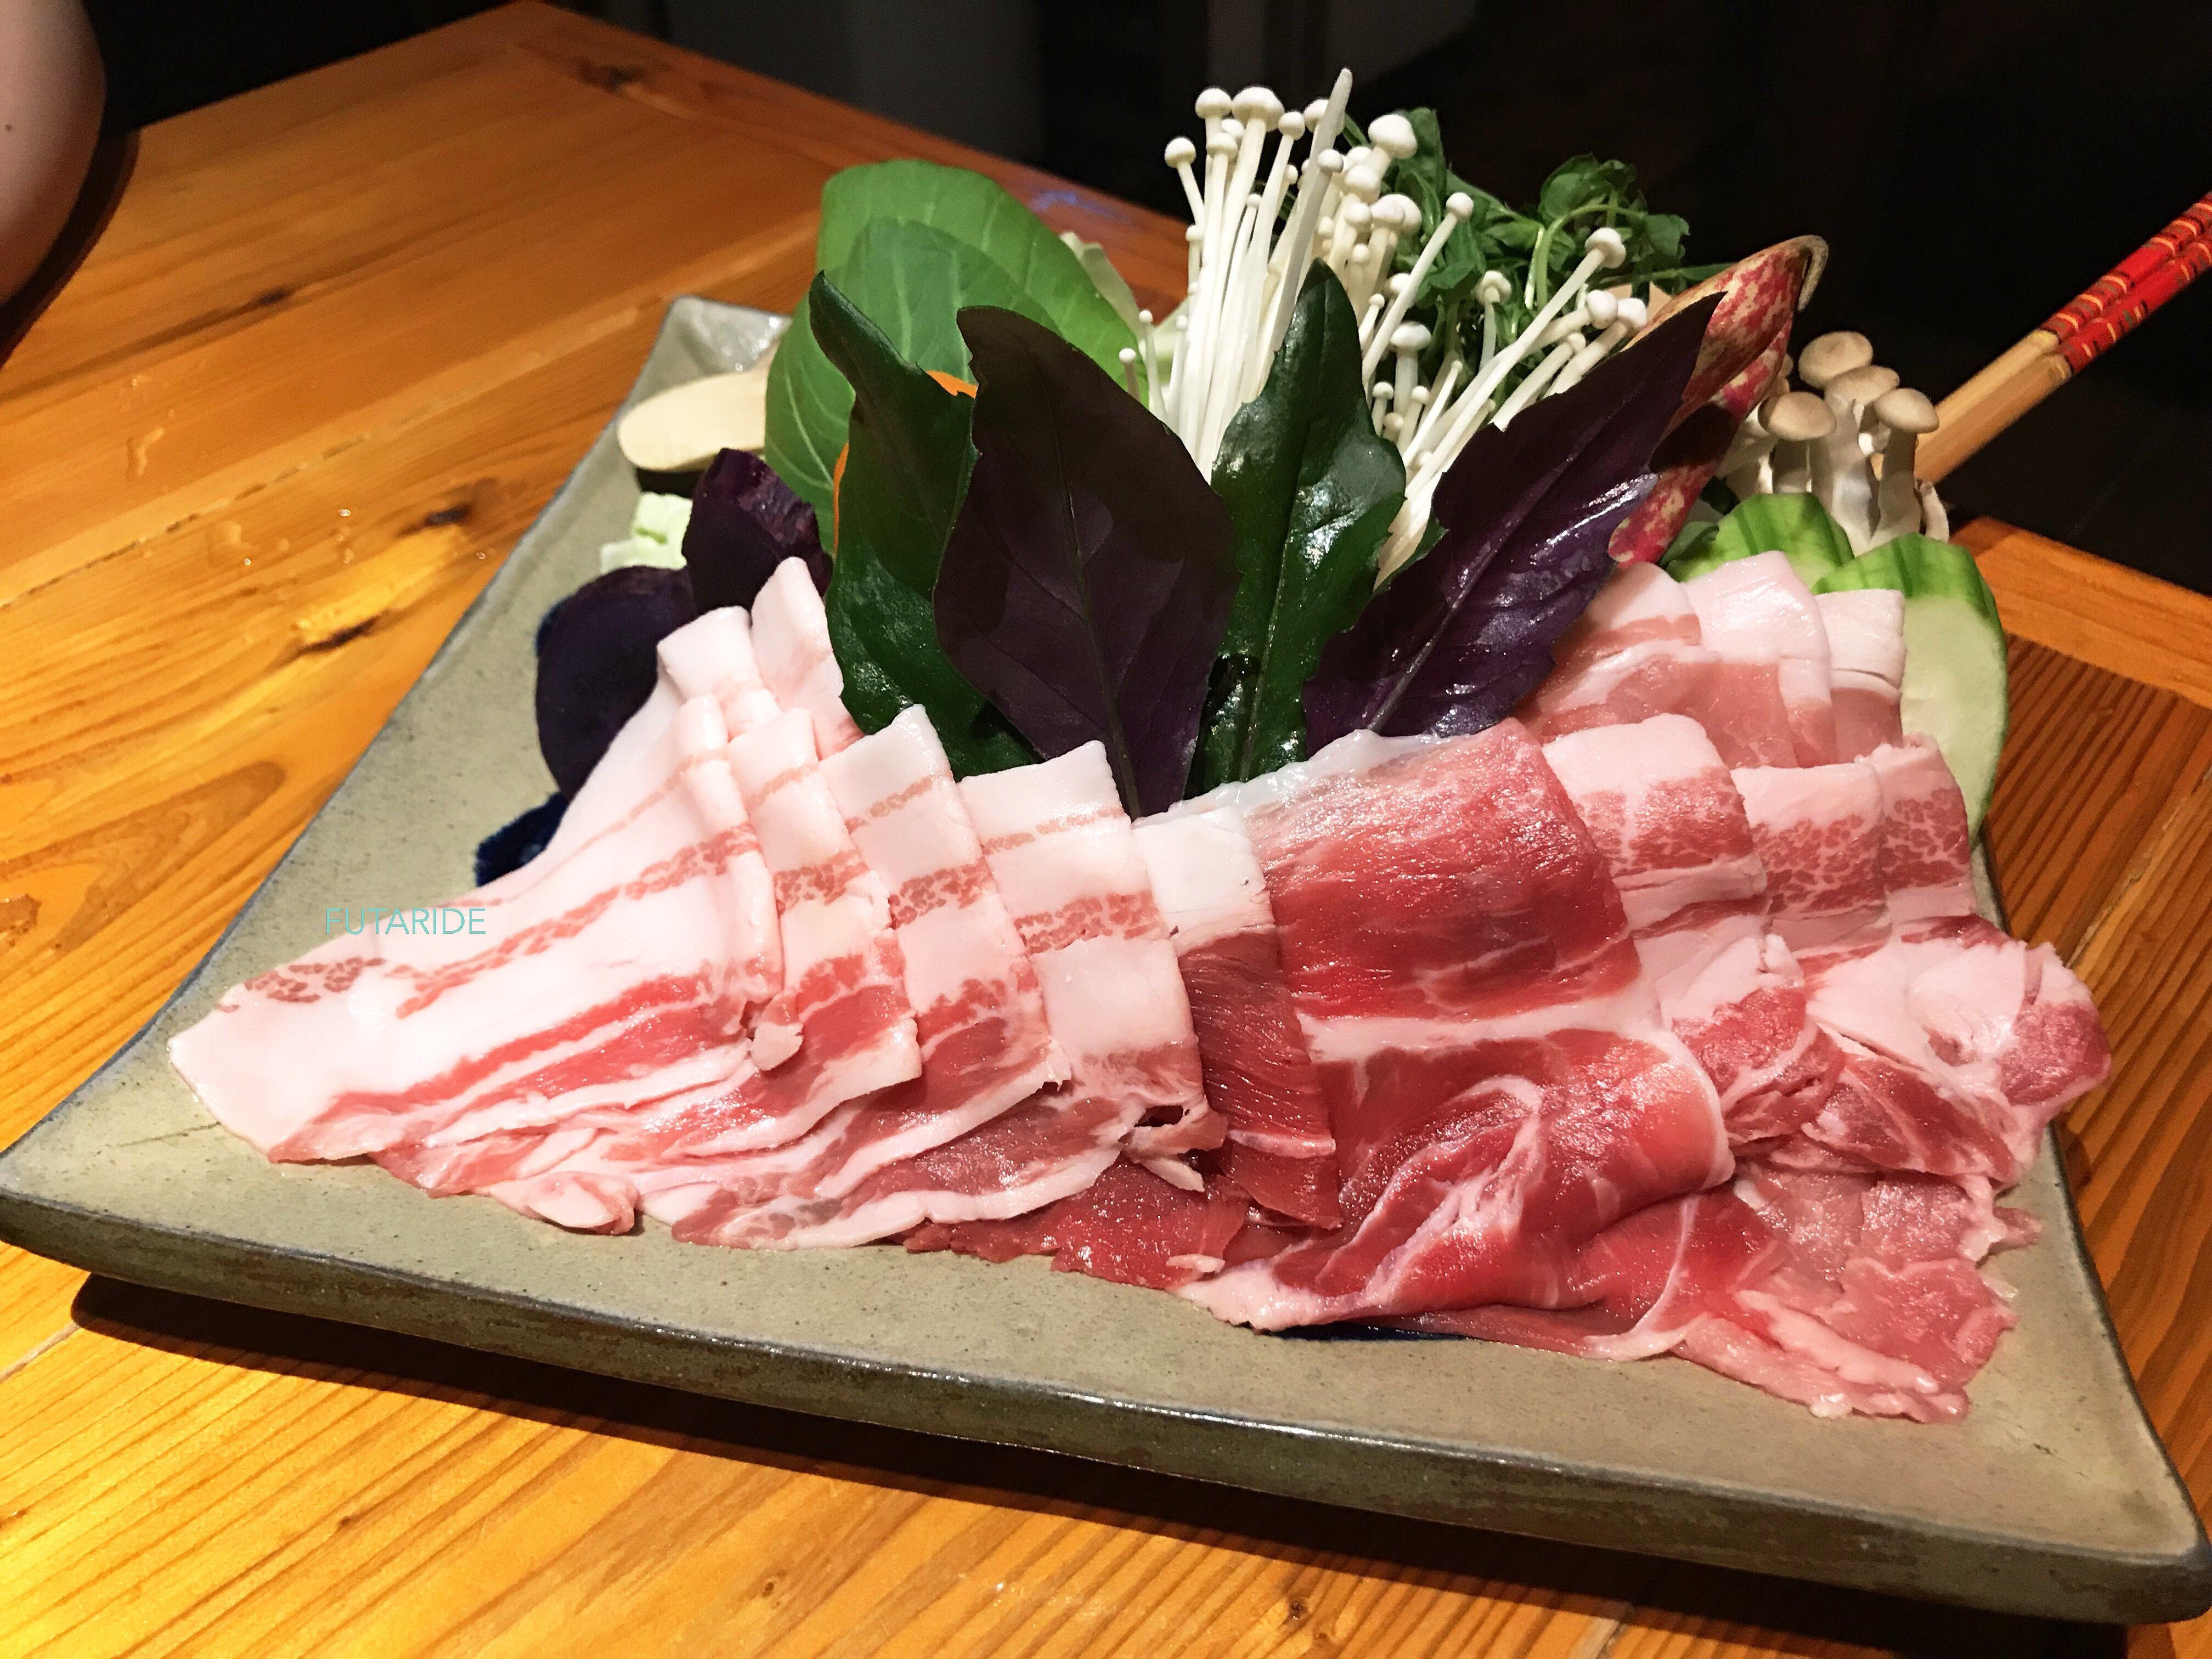 【沖縄料理】絶品アグー豚をヘルシーに食べる!しまぶた屋【恩納村】